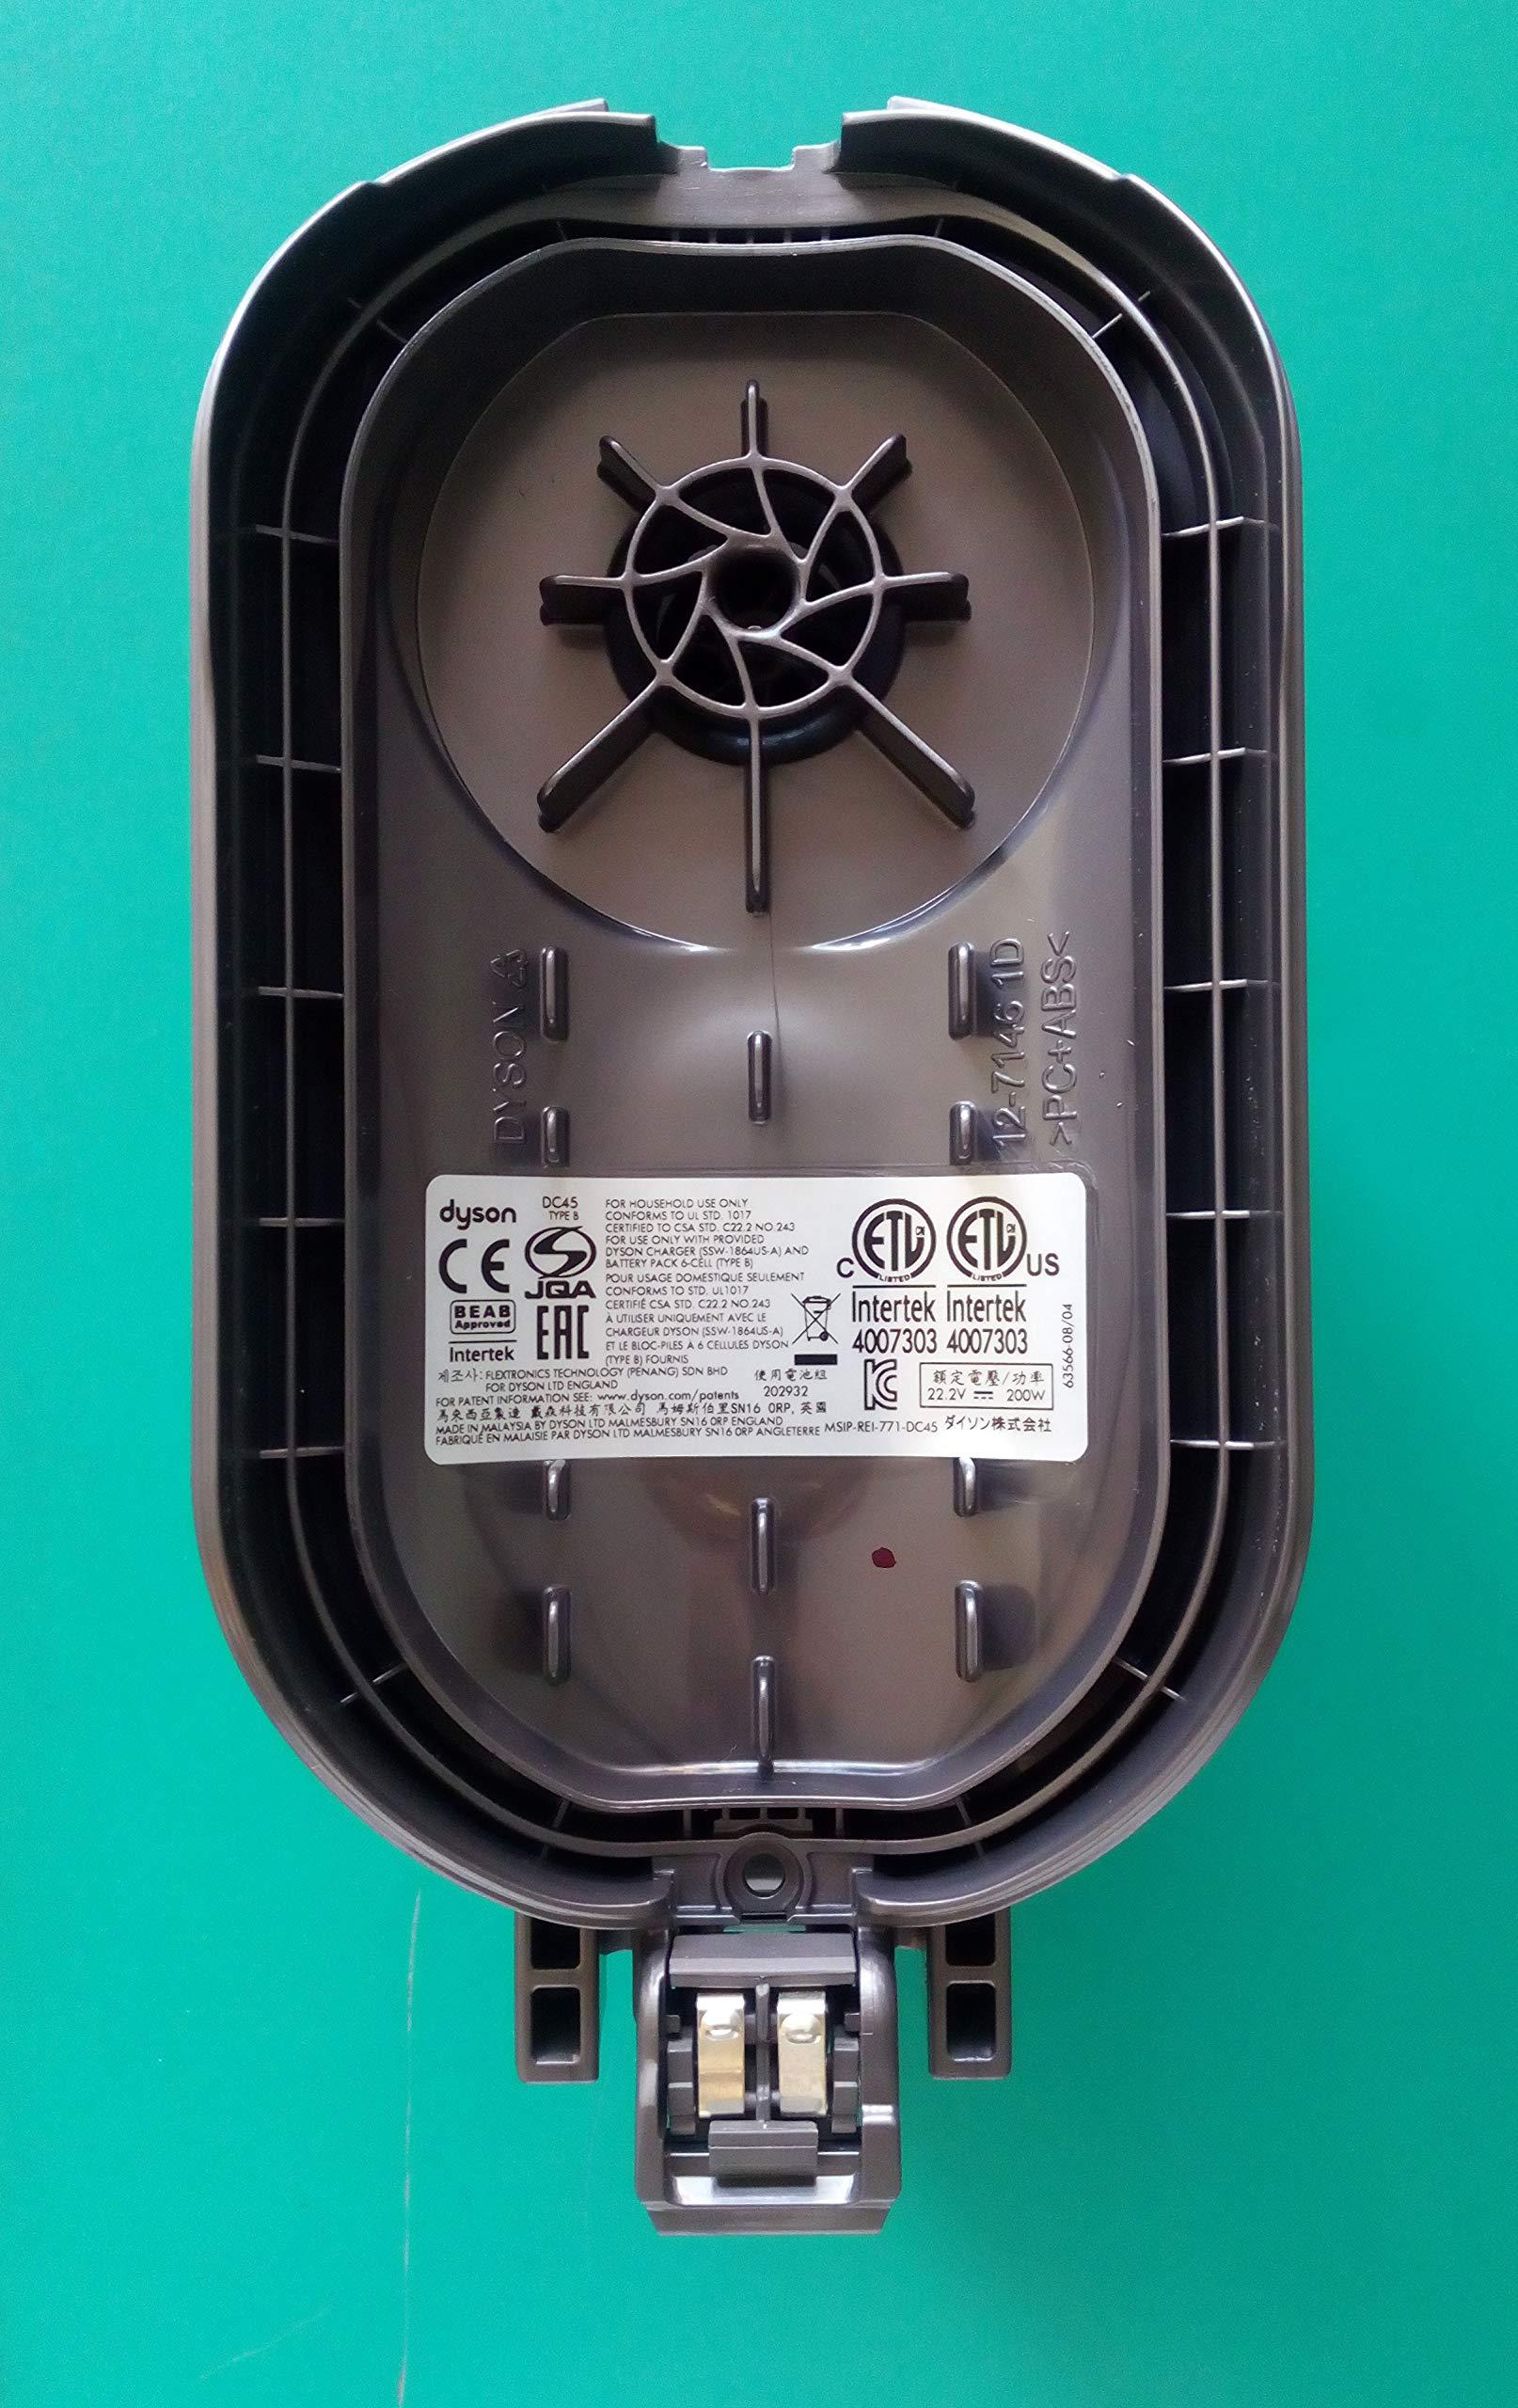 Cuerpo Motor Base aspiradora Original Dyson DC45 sin botón desenganche batería código 965558-16: Amazon.es: Electrónica